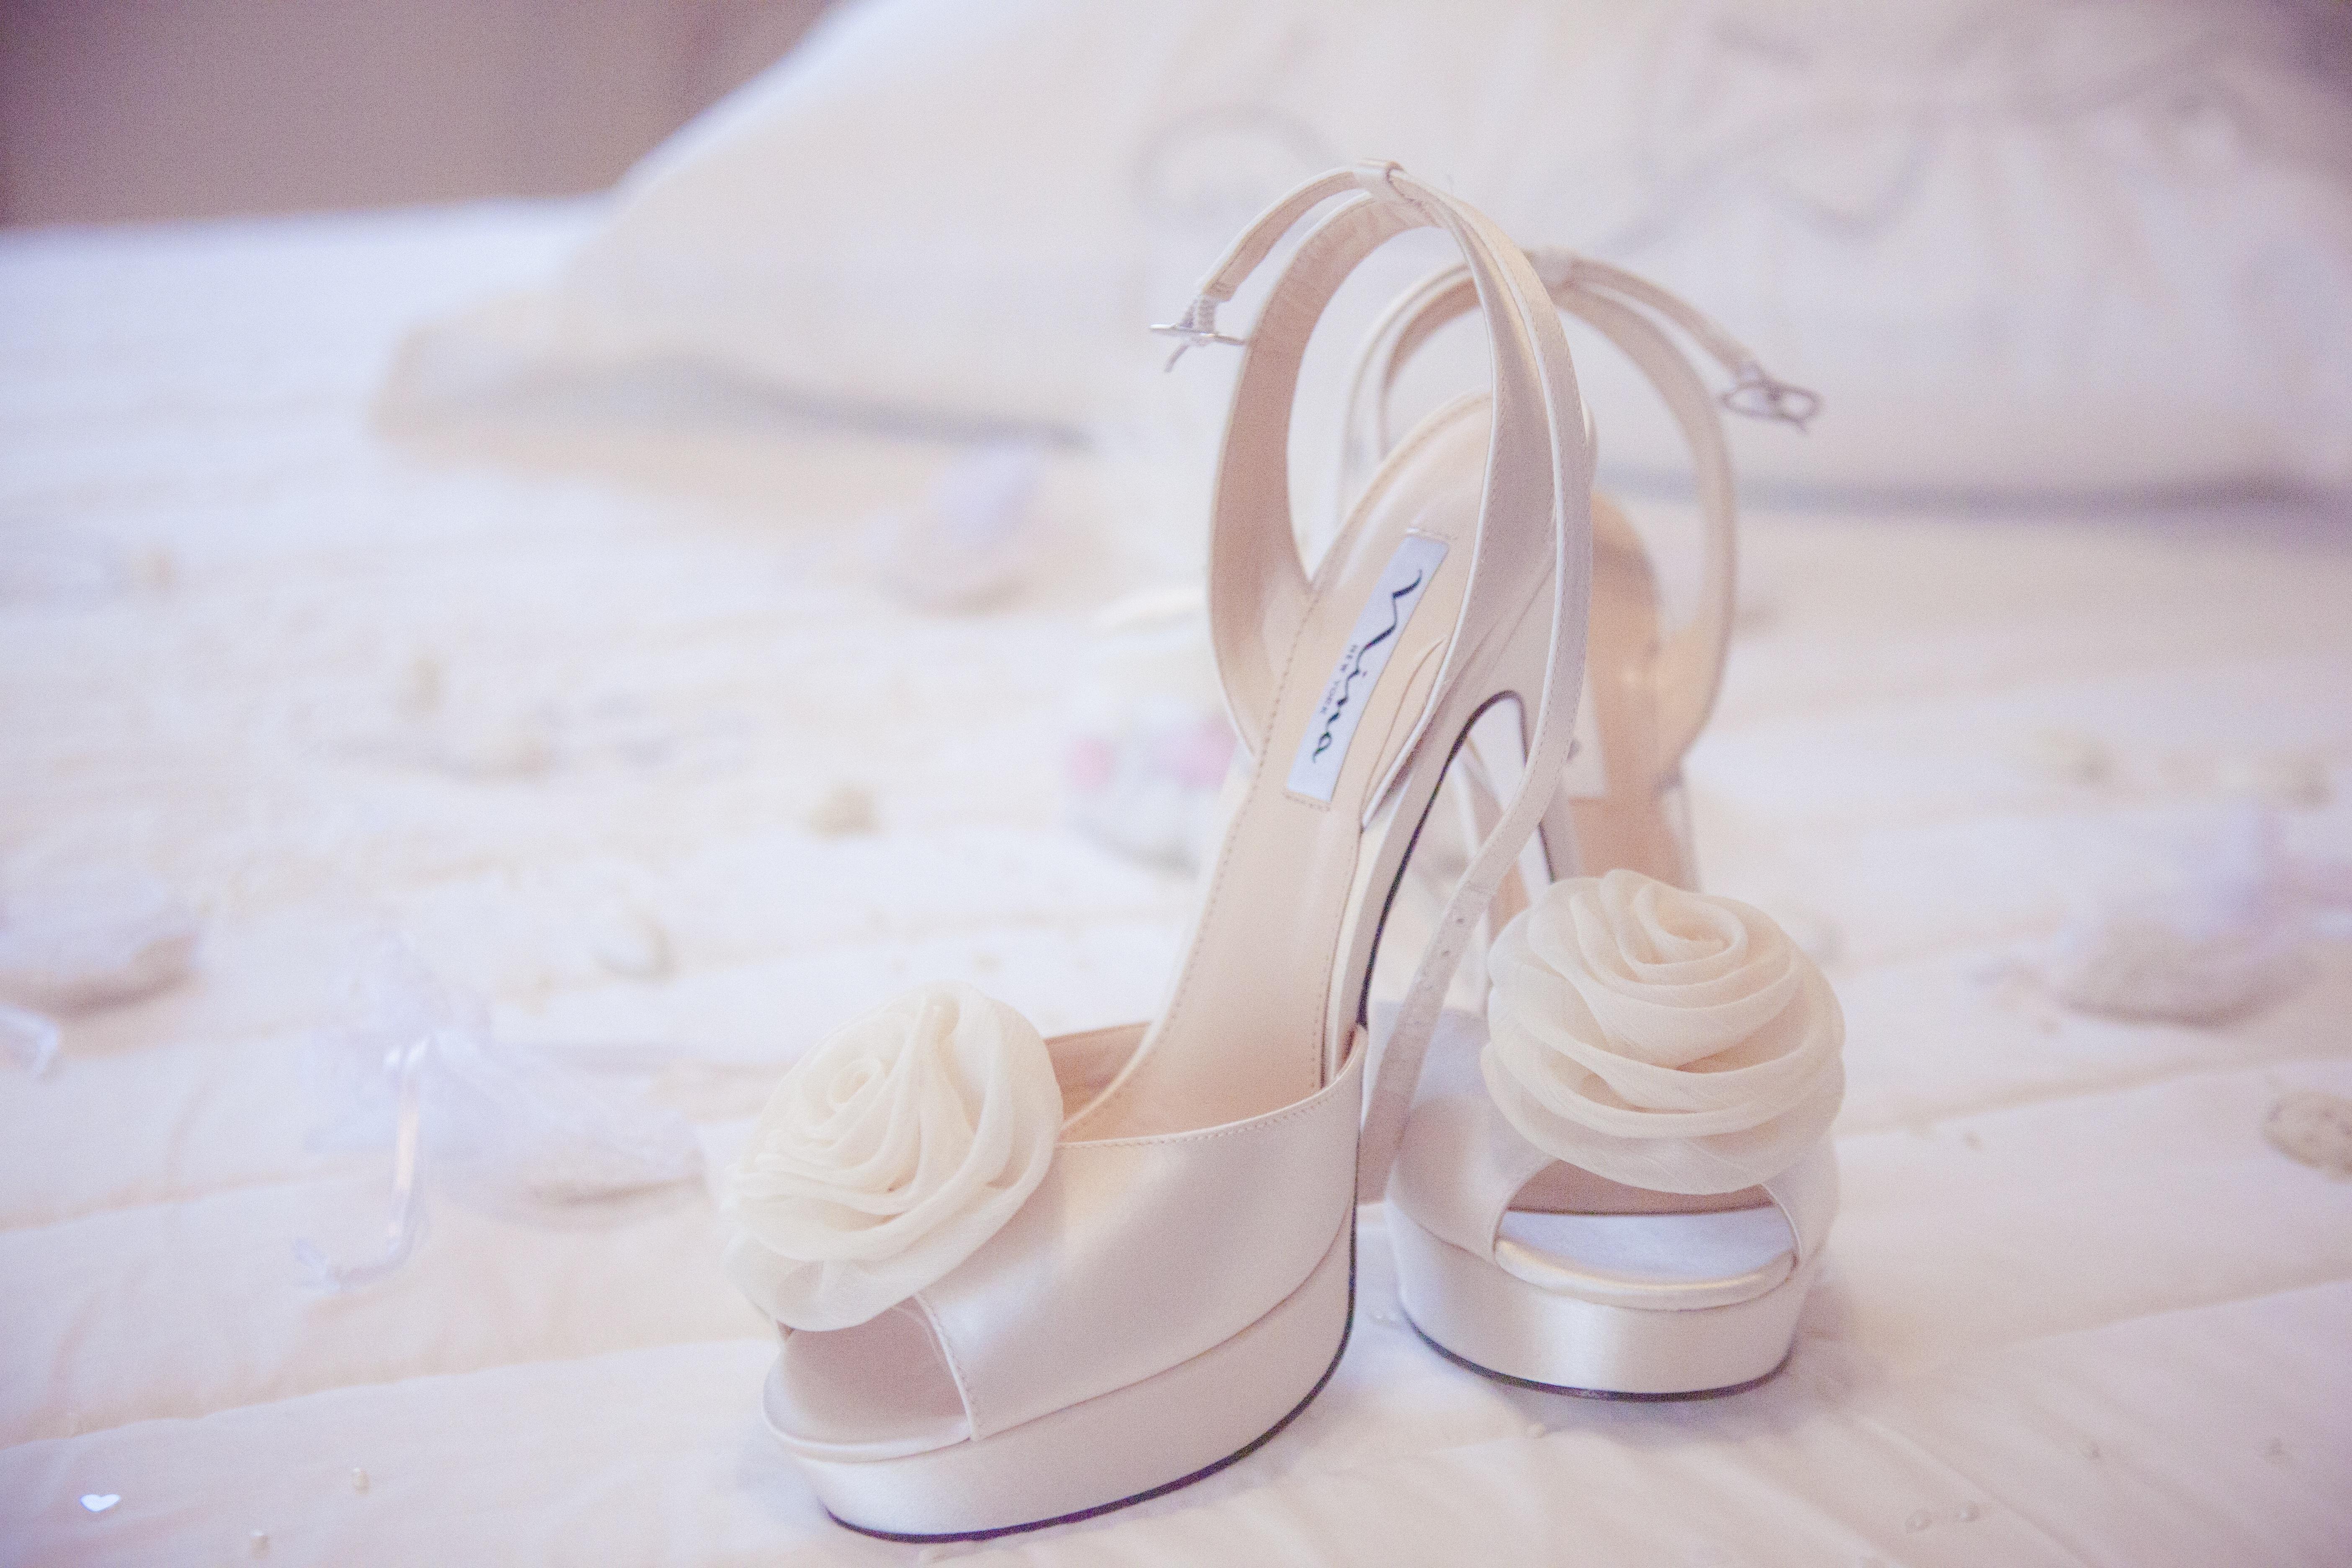 Kostenlose foto : Hacke, Schuh, Weiß, Blütenblatt, Bein, Rosa ...